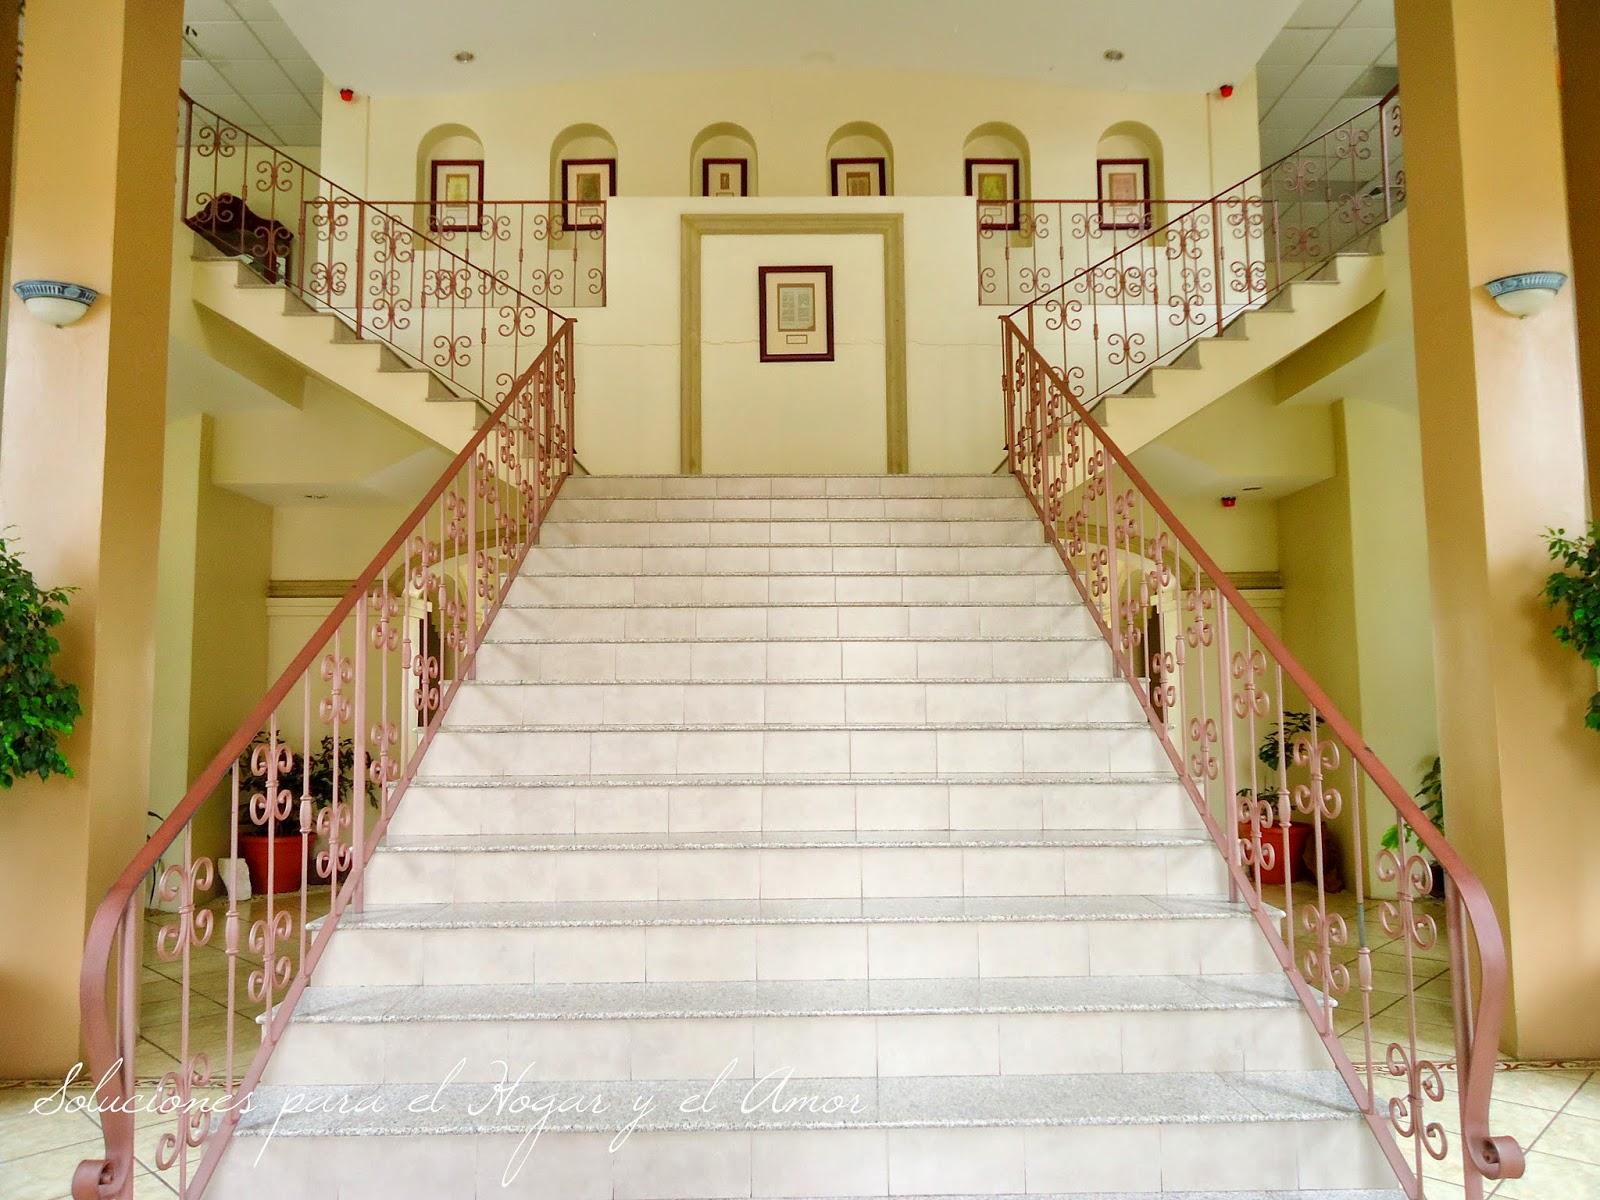 imponente escalera, barandas de forja, piso de marmol, vestíbulo elegante